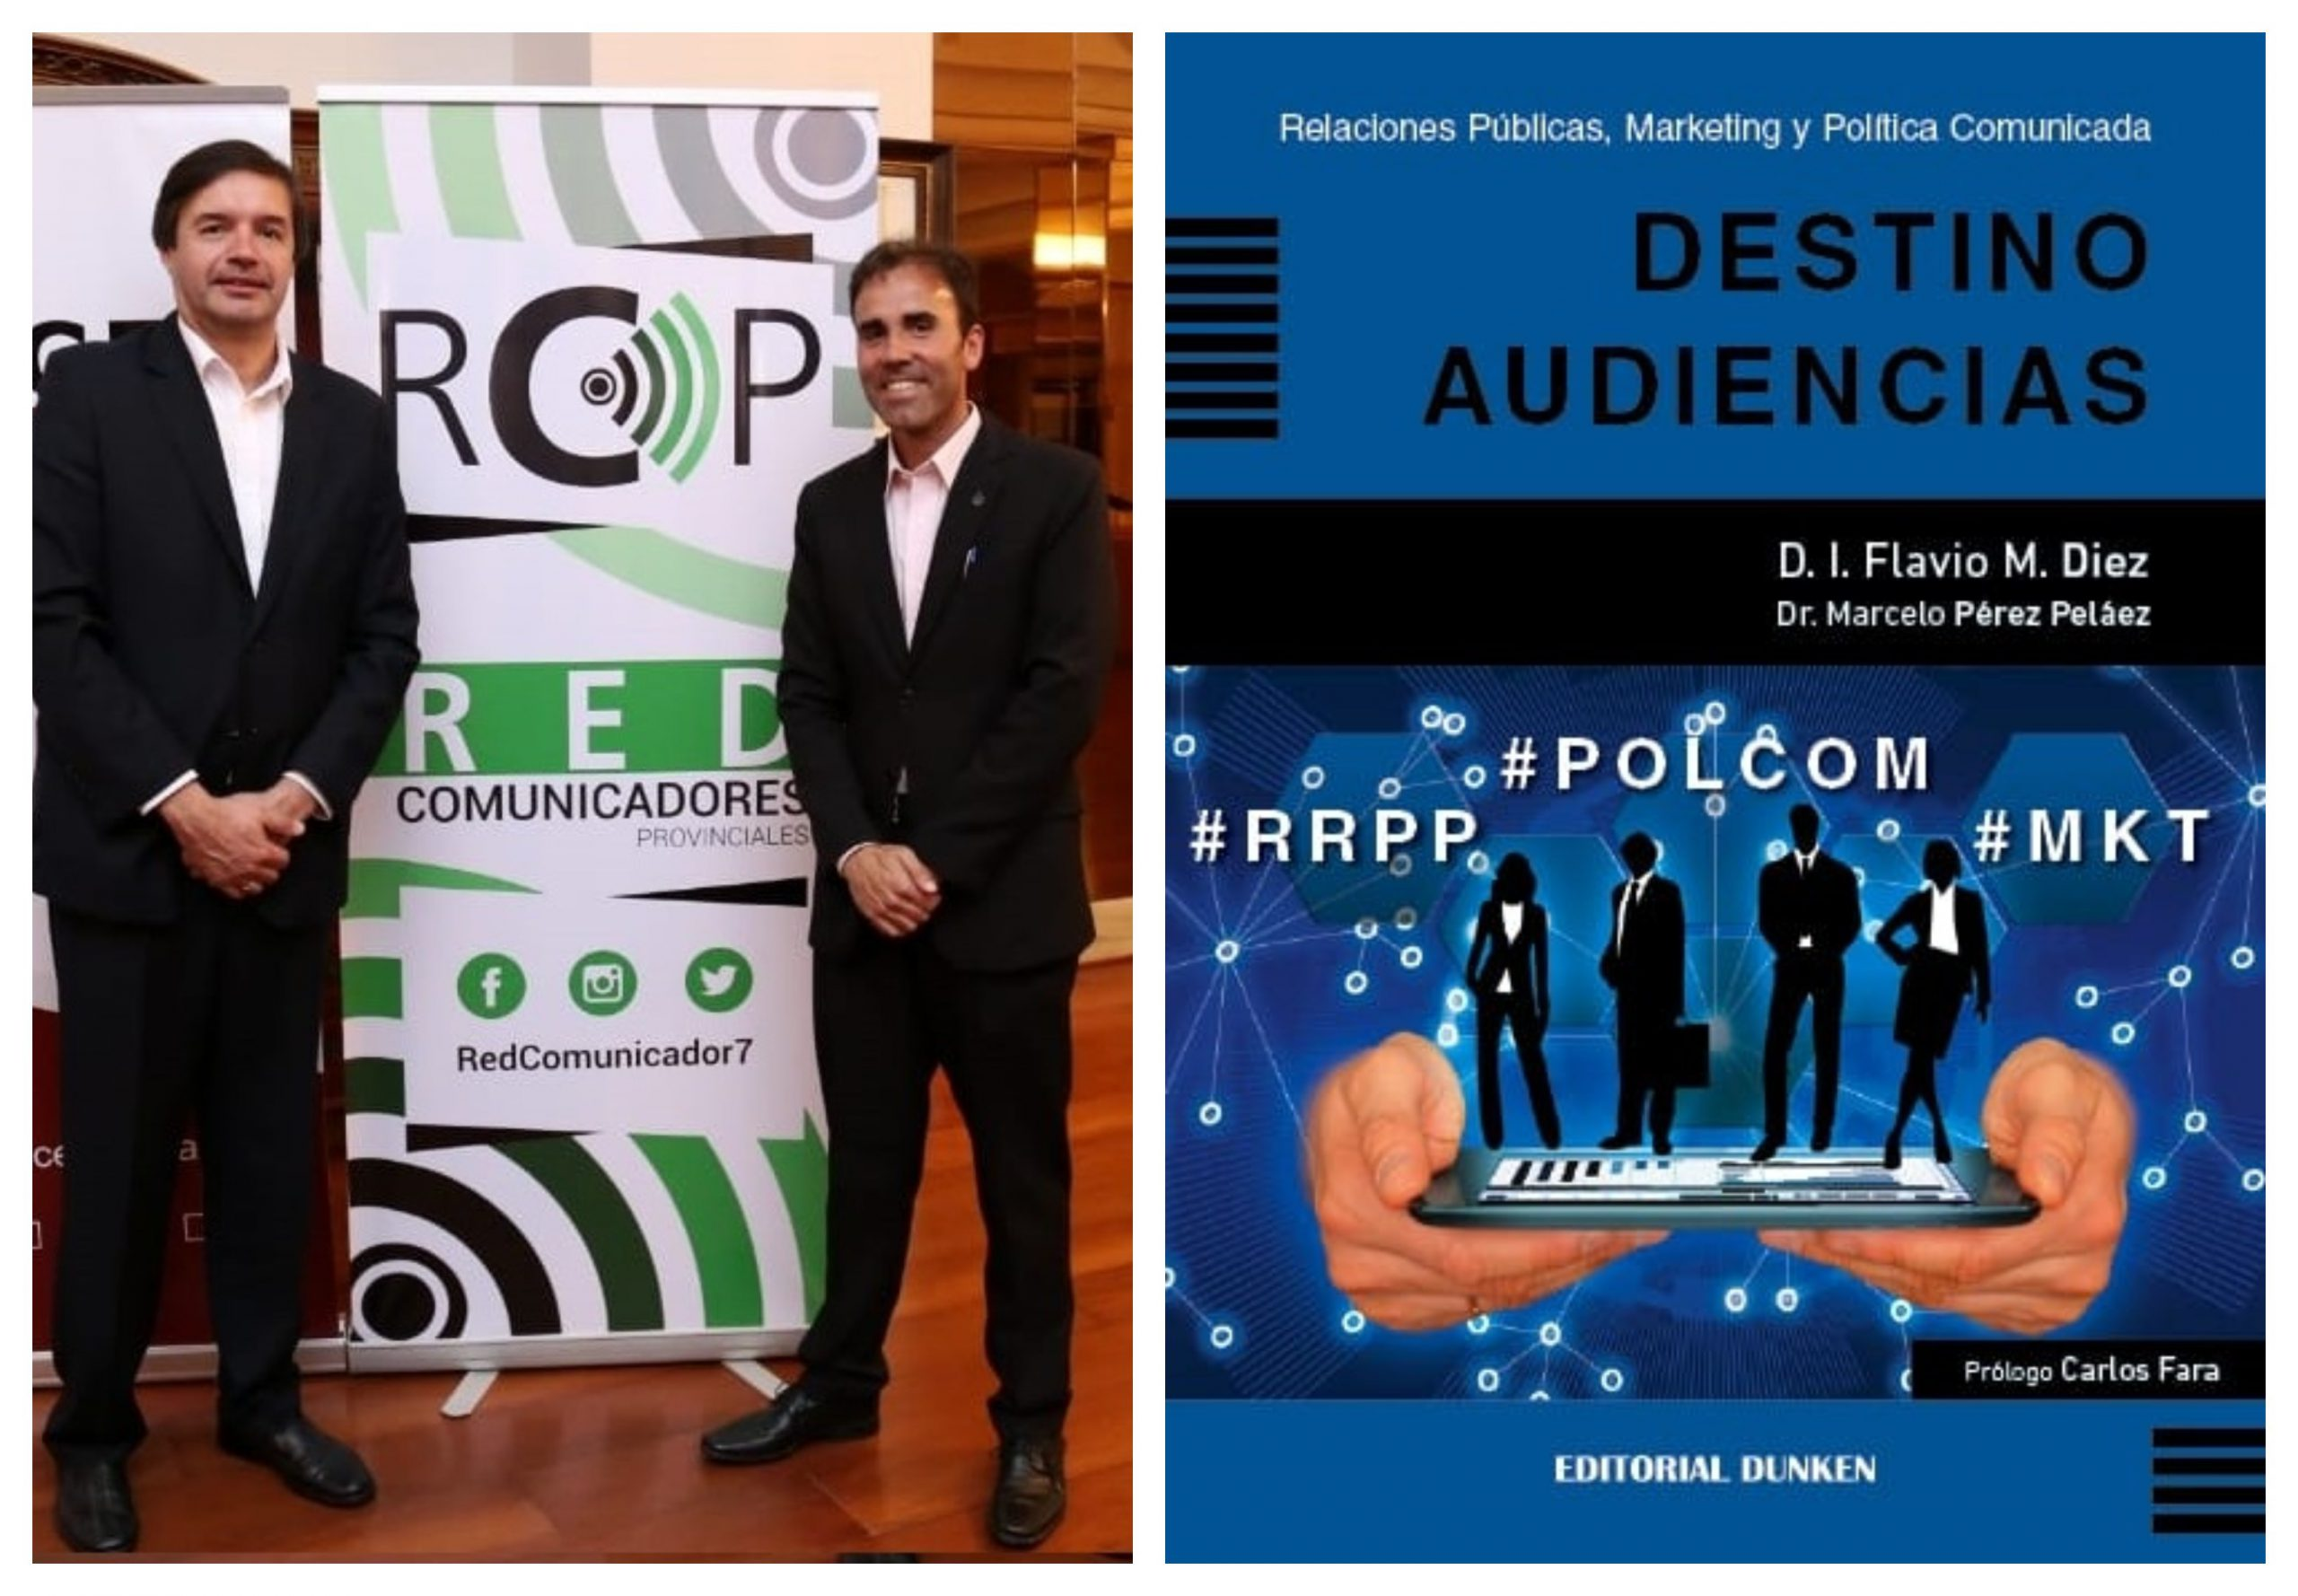 """""""Destino Audiencias"""": un libro sobre comunicación, centrado en el receptor del mensaje"""